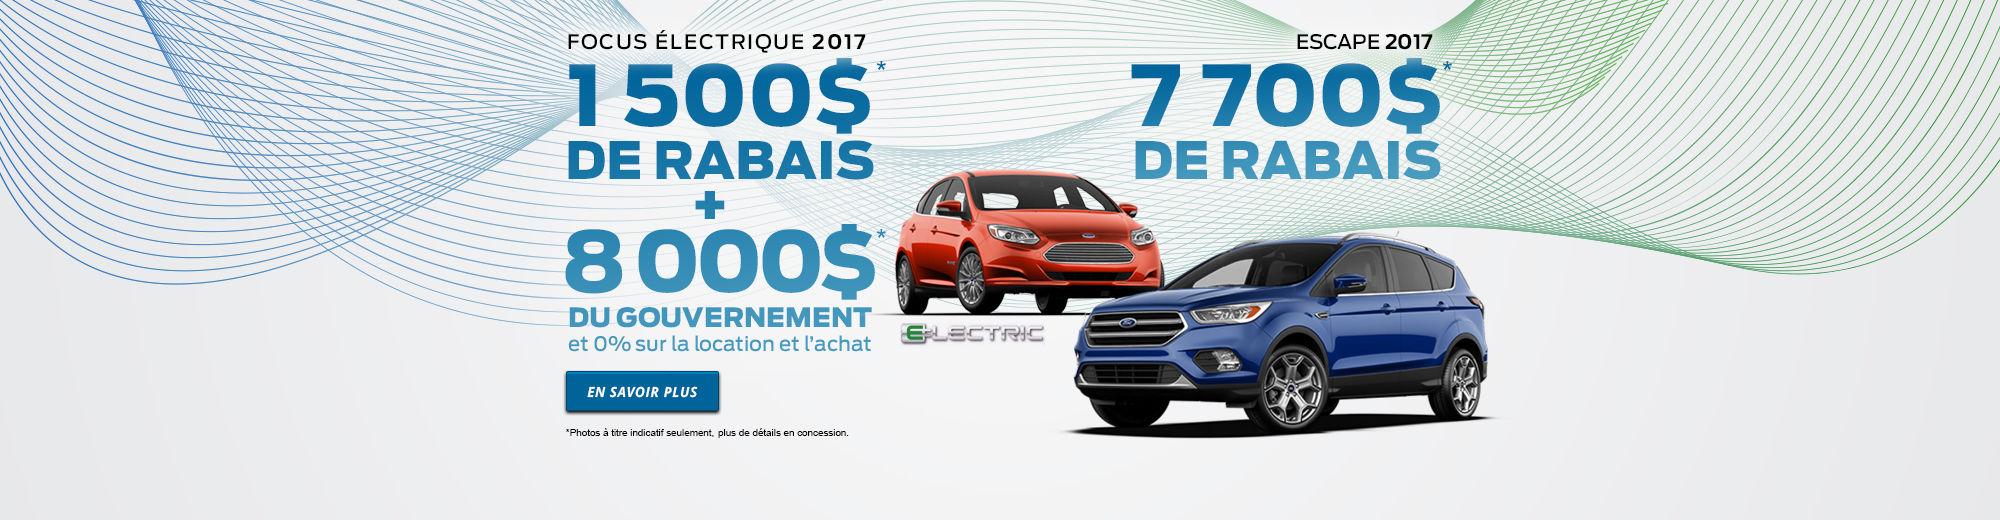 Focus électrique 2017 Escape 2017